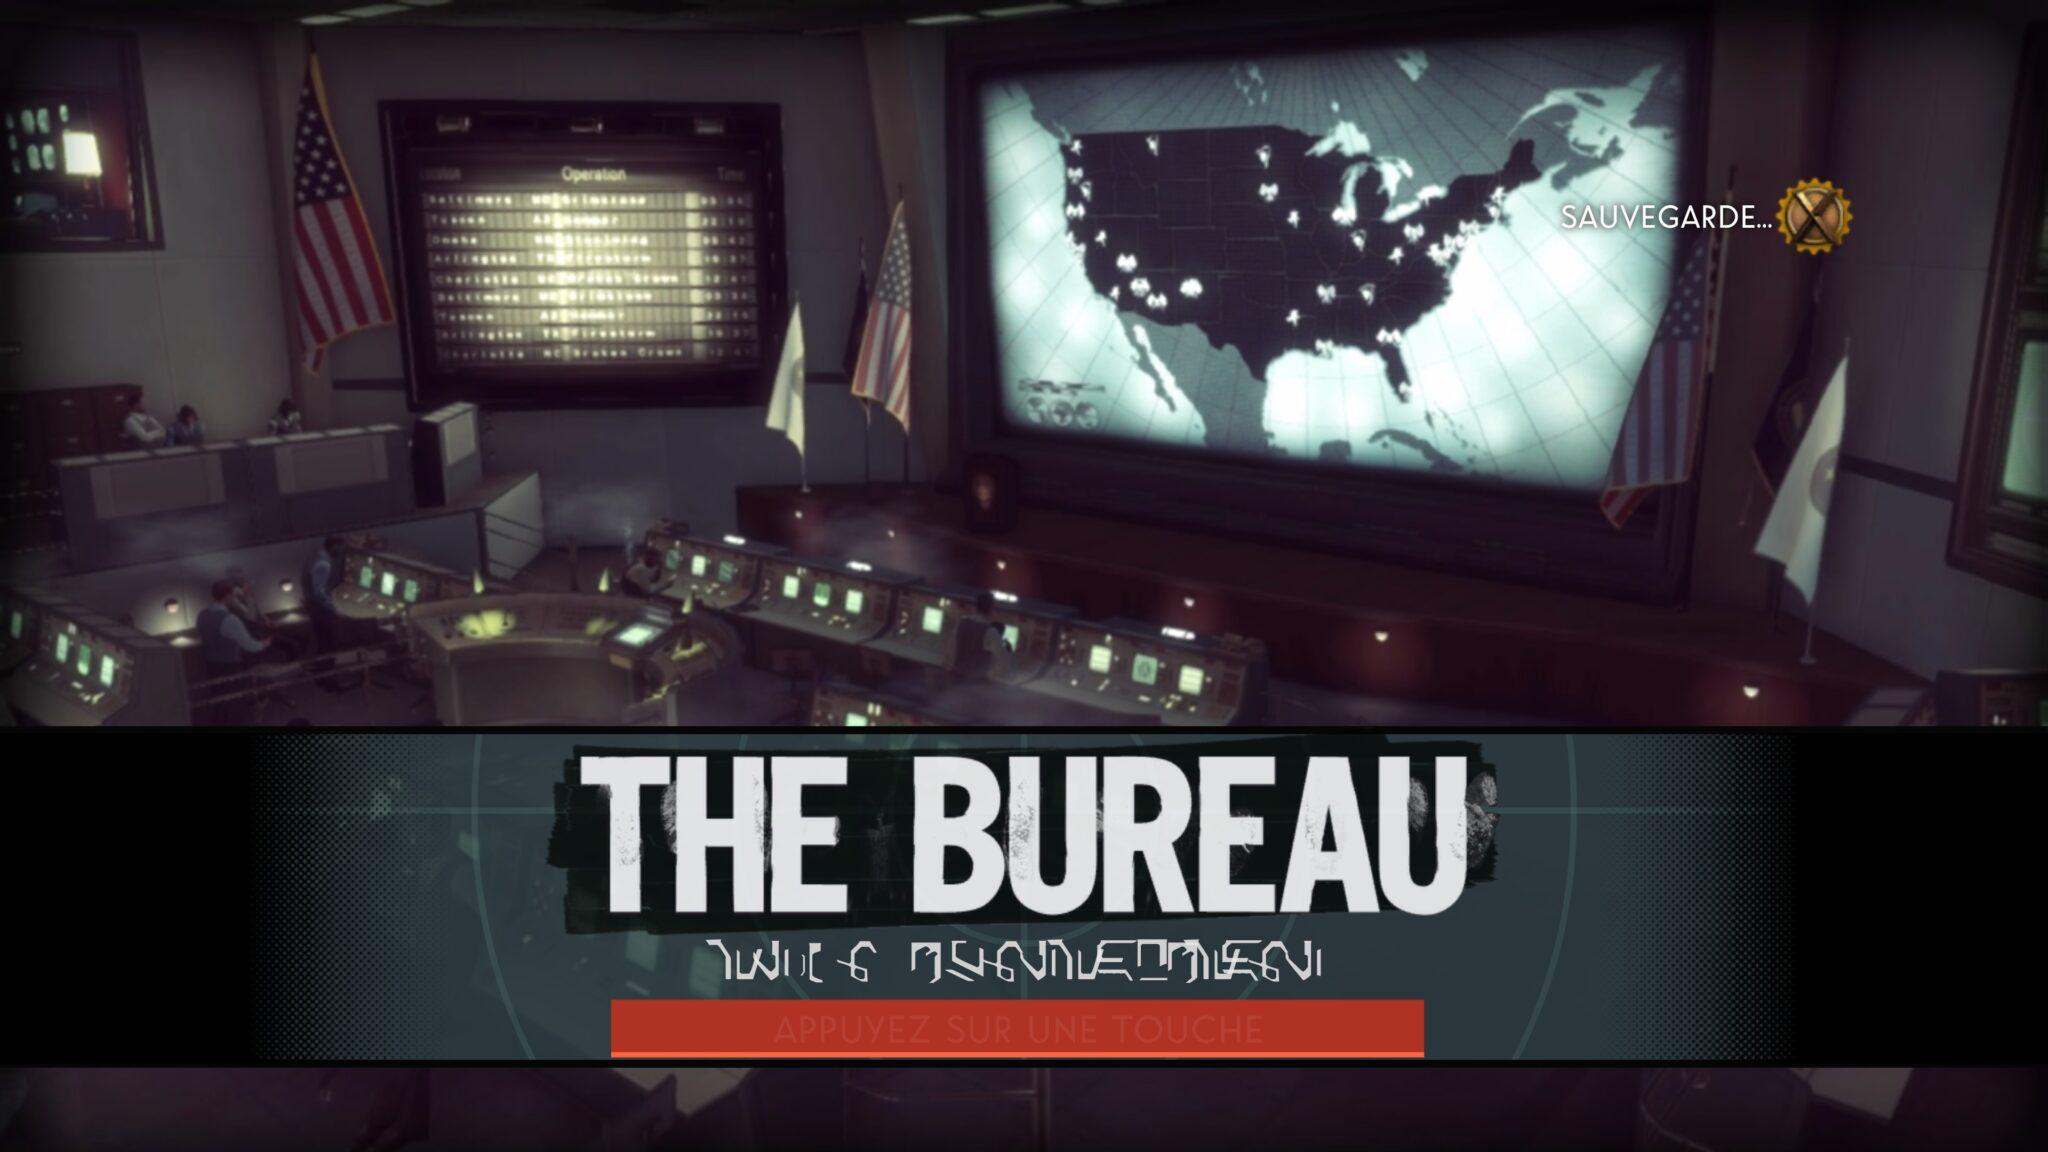 The bureau XCOM DeclassifiedCOM Declassified